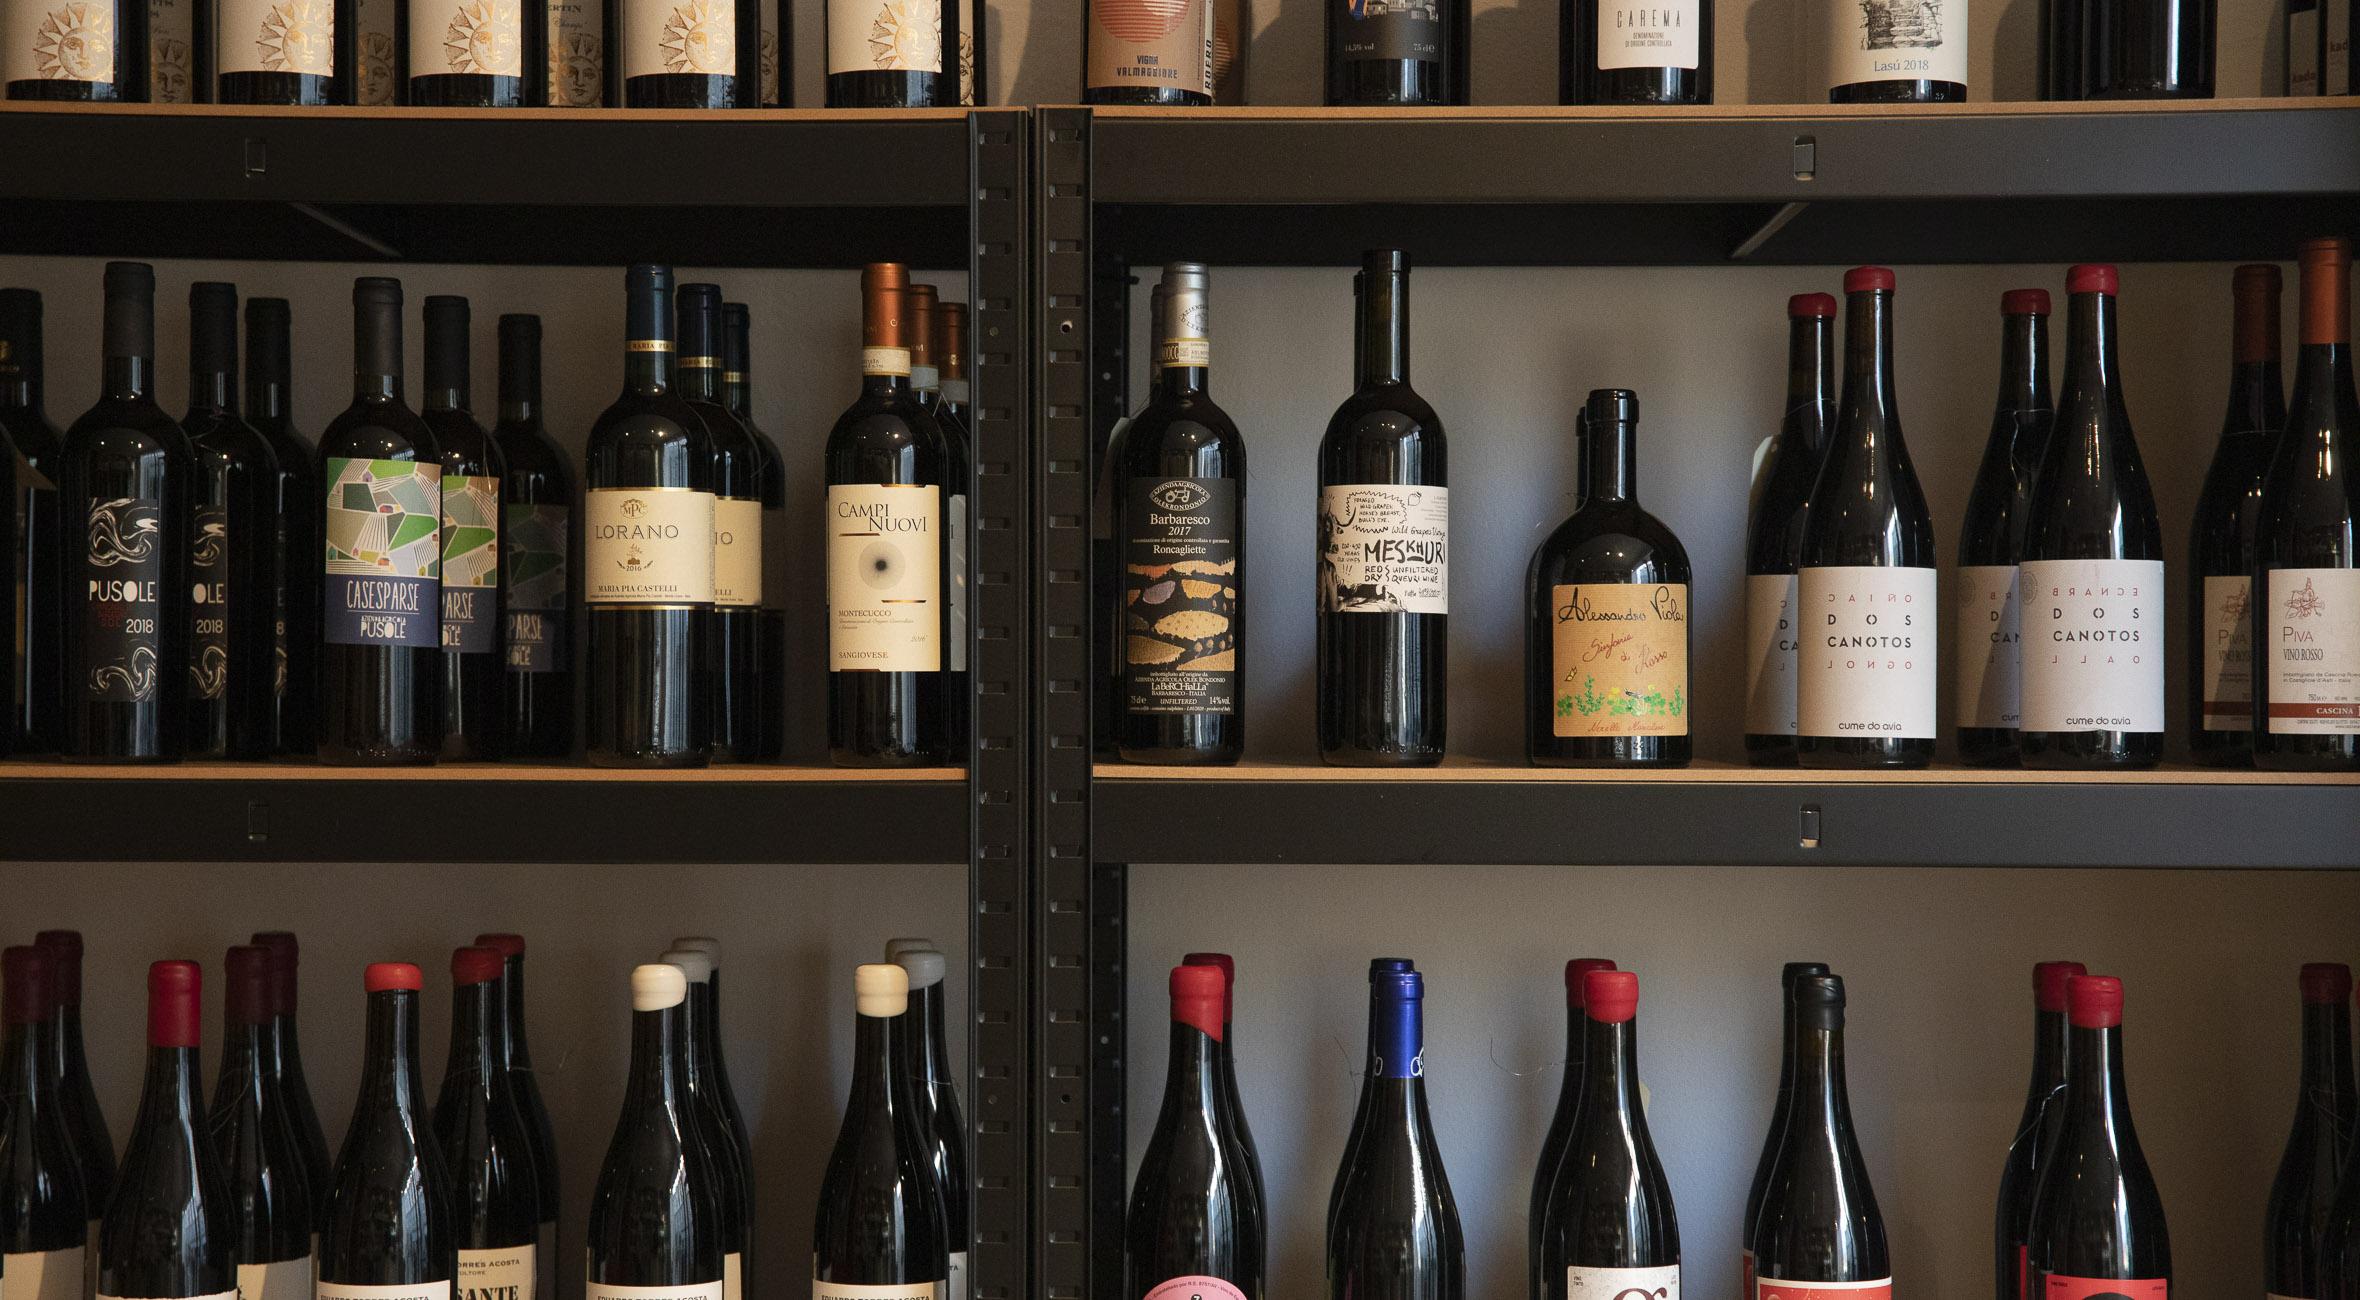 Frit valg til alt hos Roots på Nørrebro og i Sydhavnen – Anerkendte importører sælger vin, der tidligere har været forbeholdt landets toprestauranter